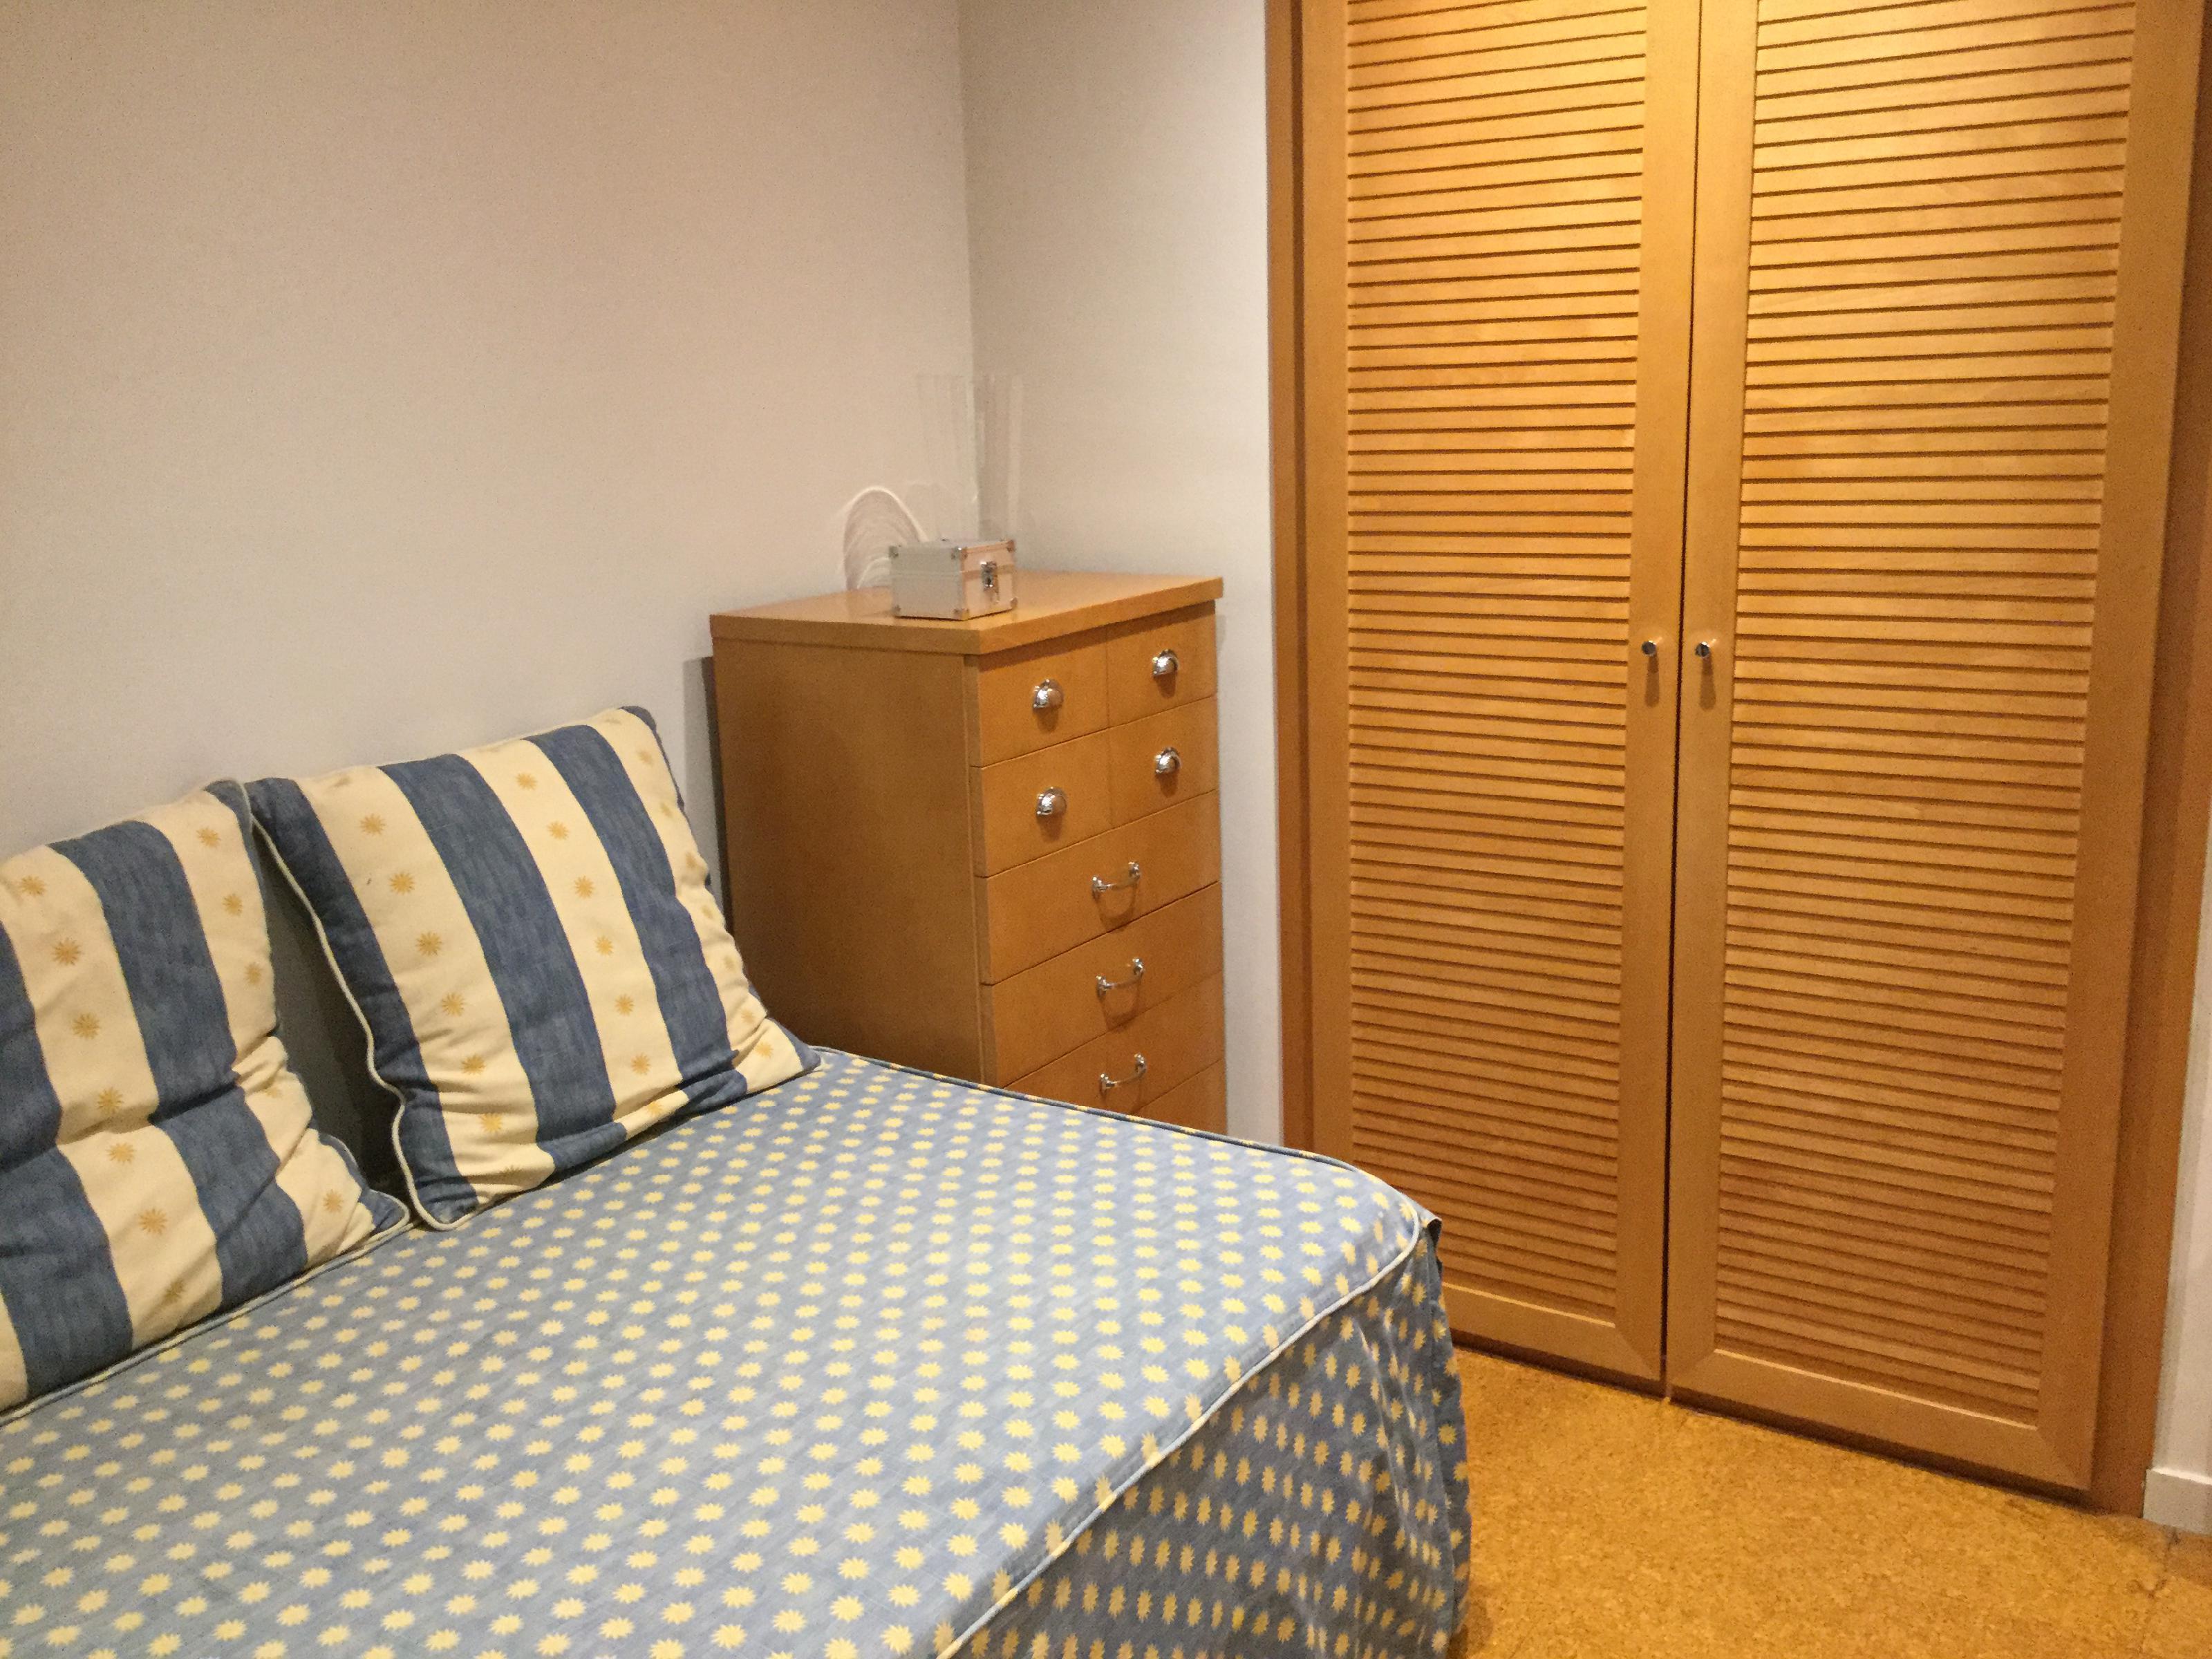 198228 Apartamento en venda en Sarrià-Sant Gervasi, St. Gervasi-Bonanova 11